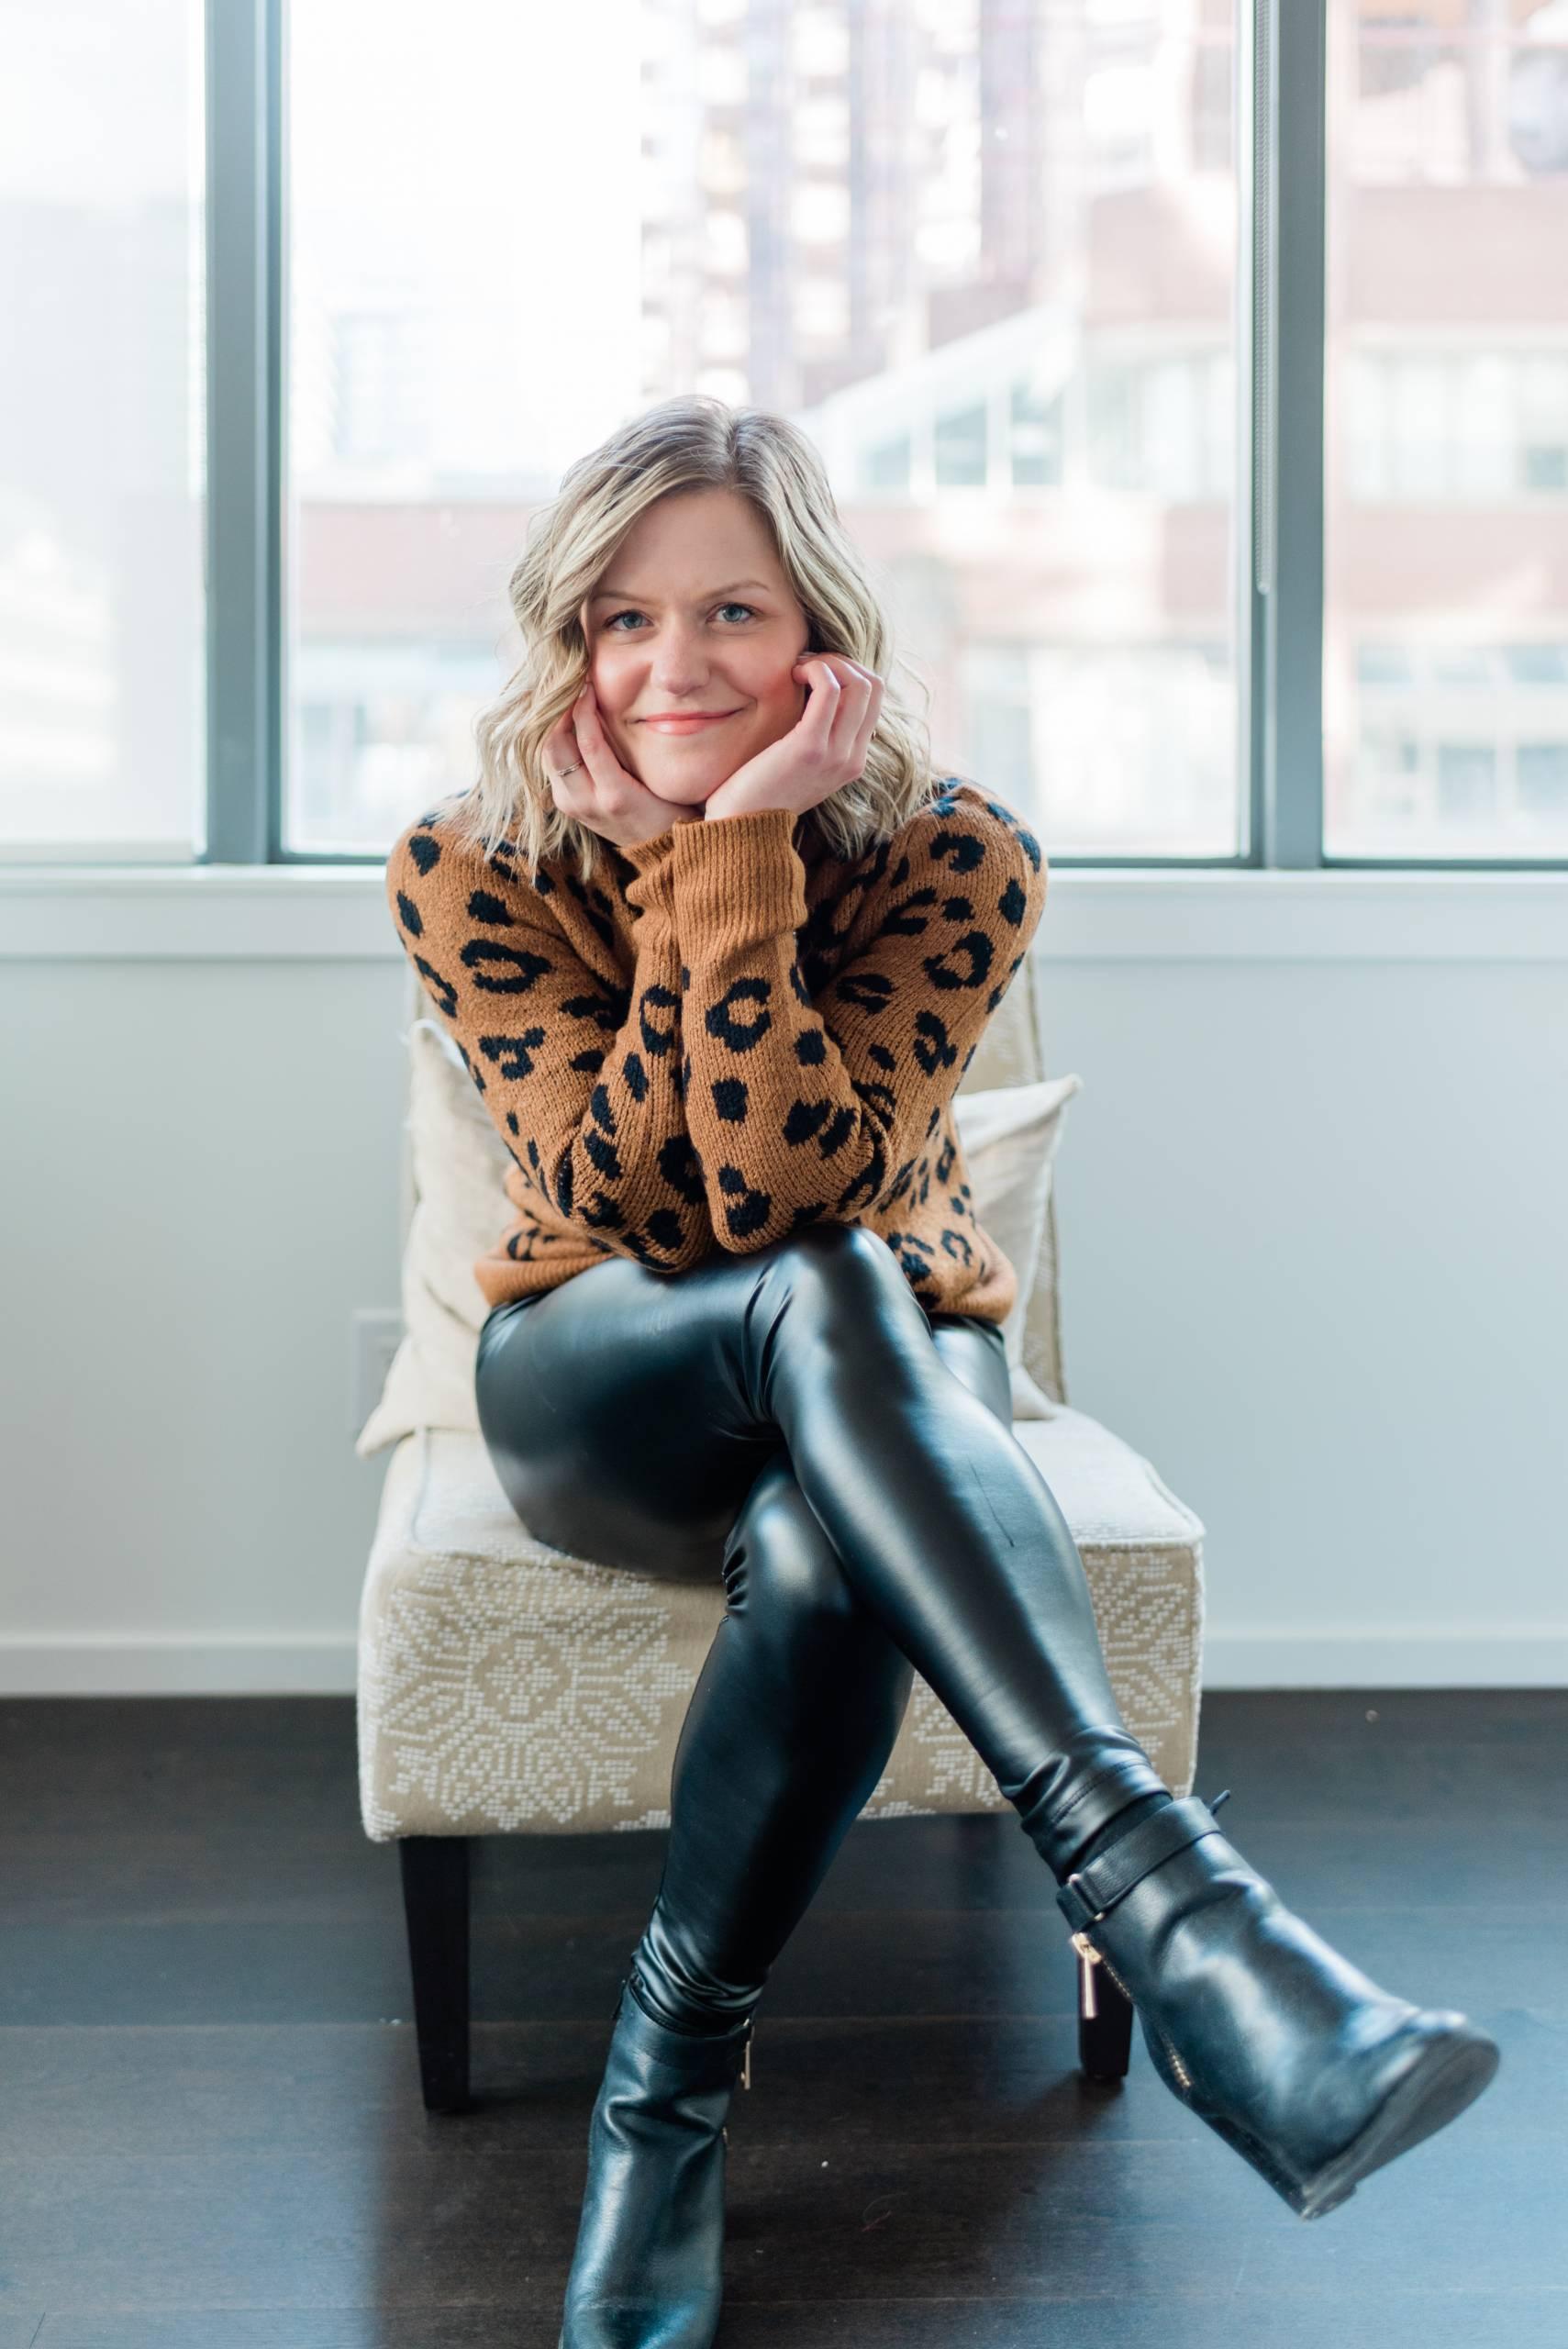 Meet #LeadingLady Erin Poredos: Founder Of The Joy Tribe